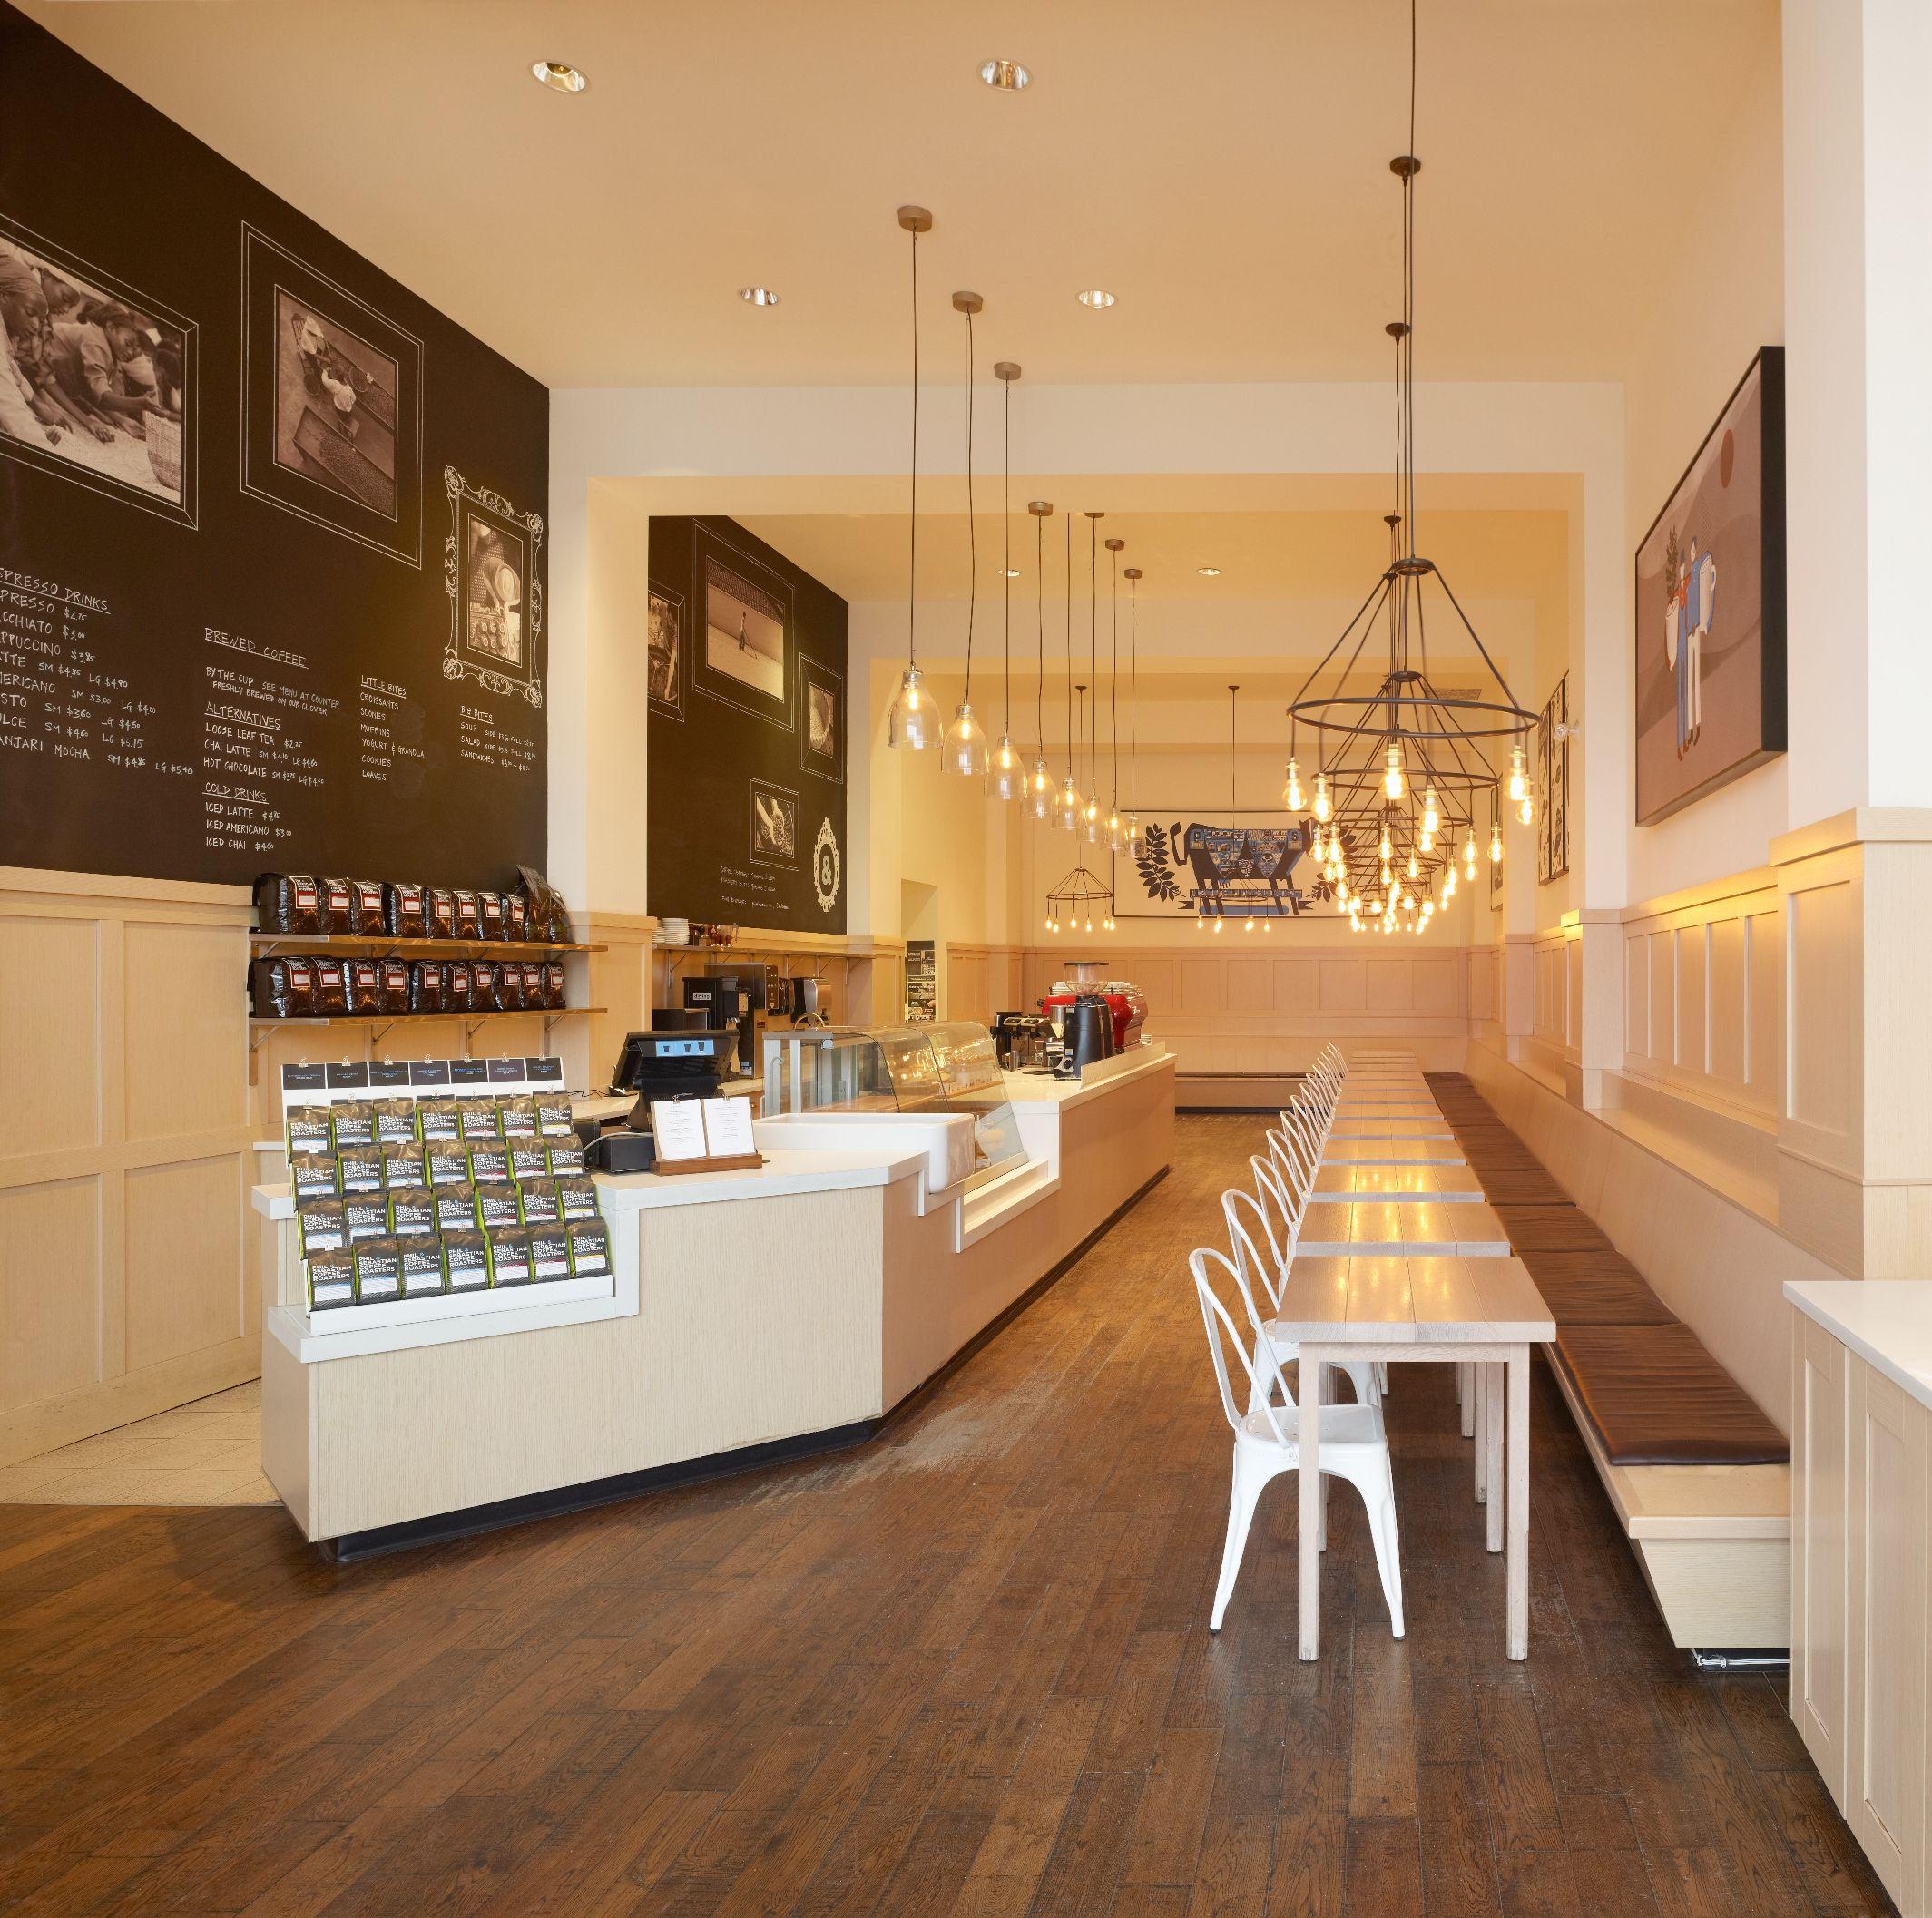 superior einfache dekoration und mobel einrichten wie im schicken restaurant #1: weiße möbel . holzboden . holzvertäfelung . hell